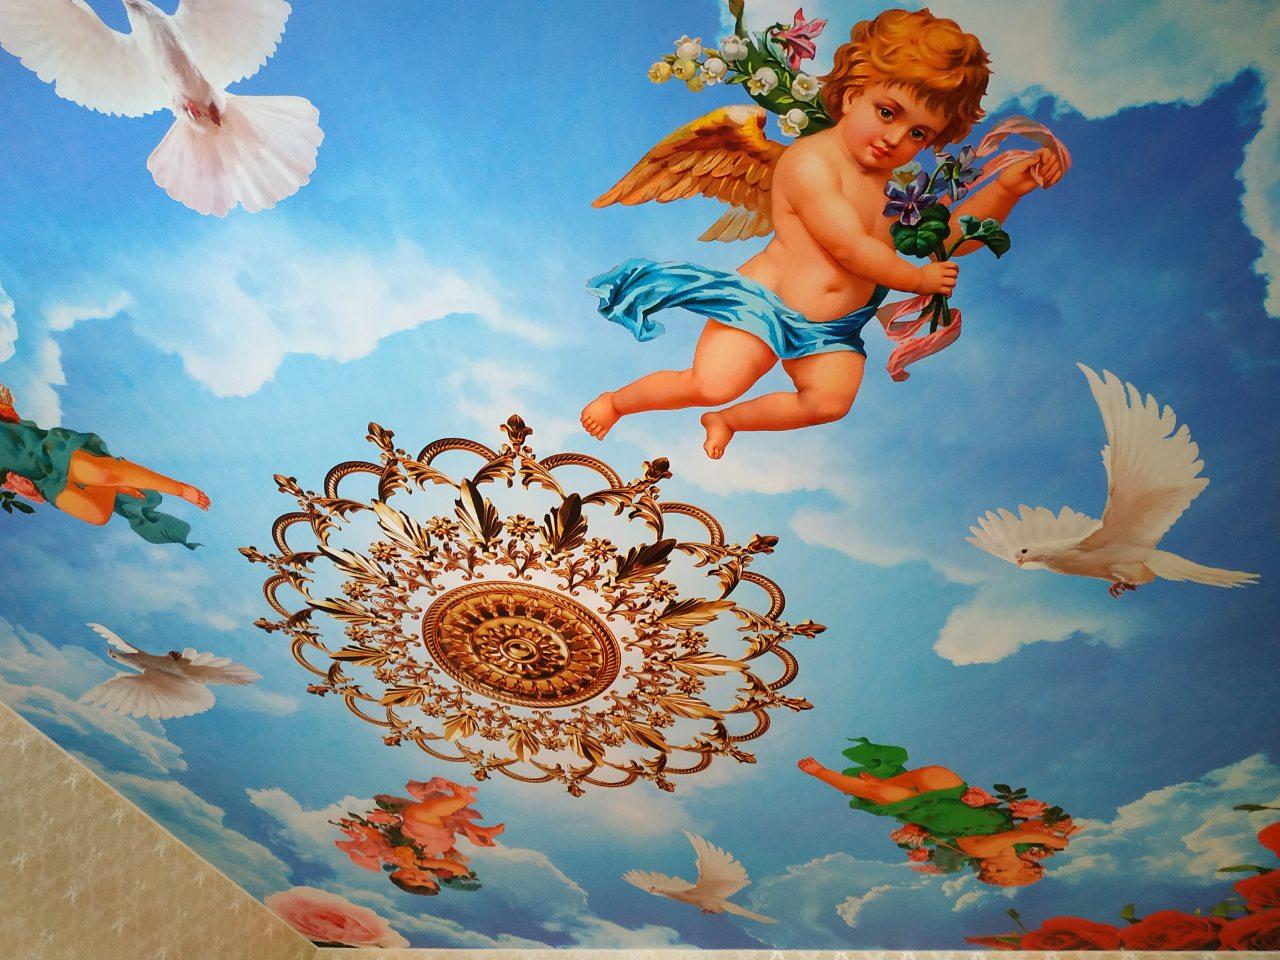 фотопечать на натяжной потолок с ангелочками сразу что